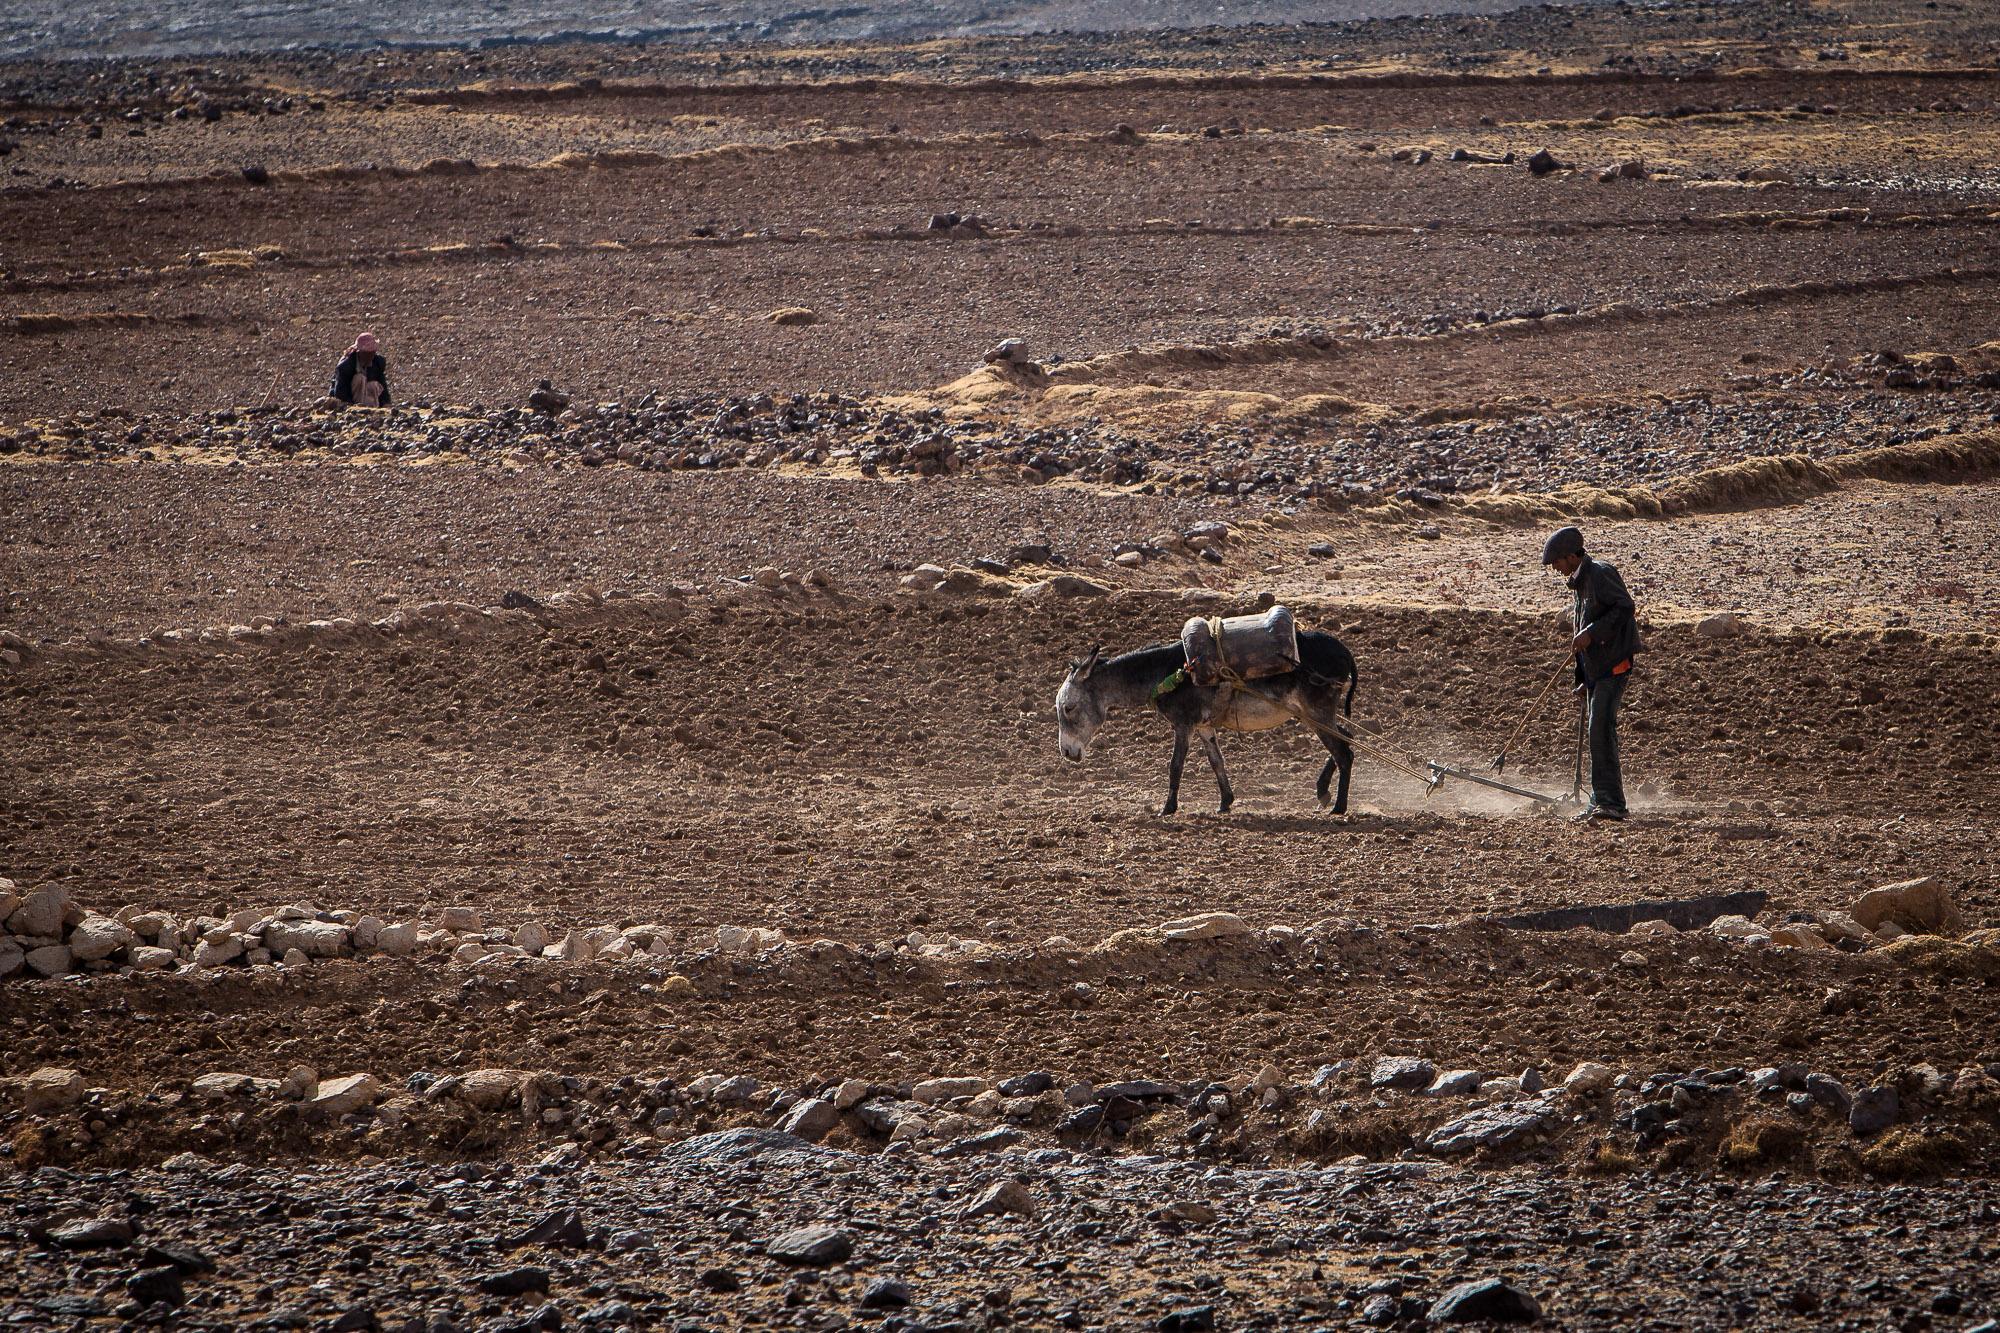 Tomaž Velechovsky_Donkey plowing